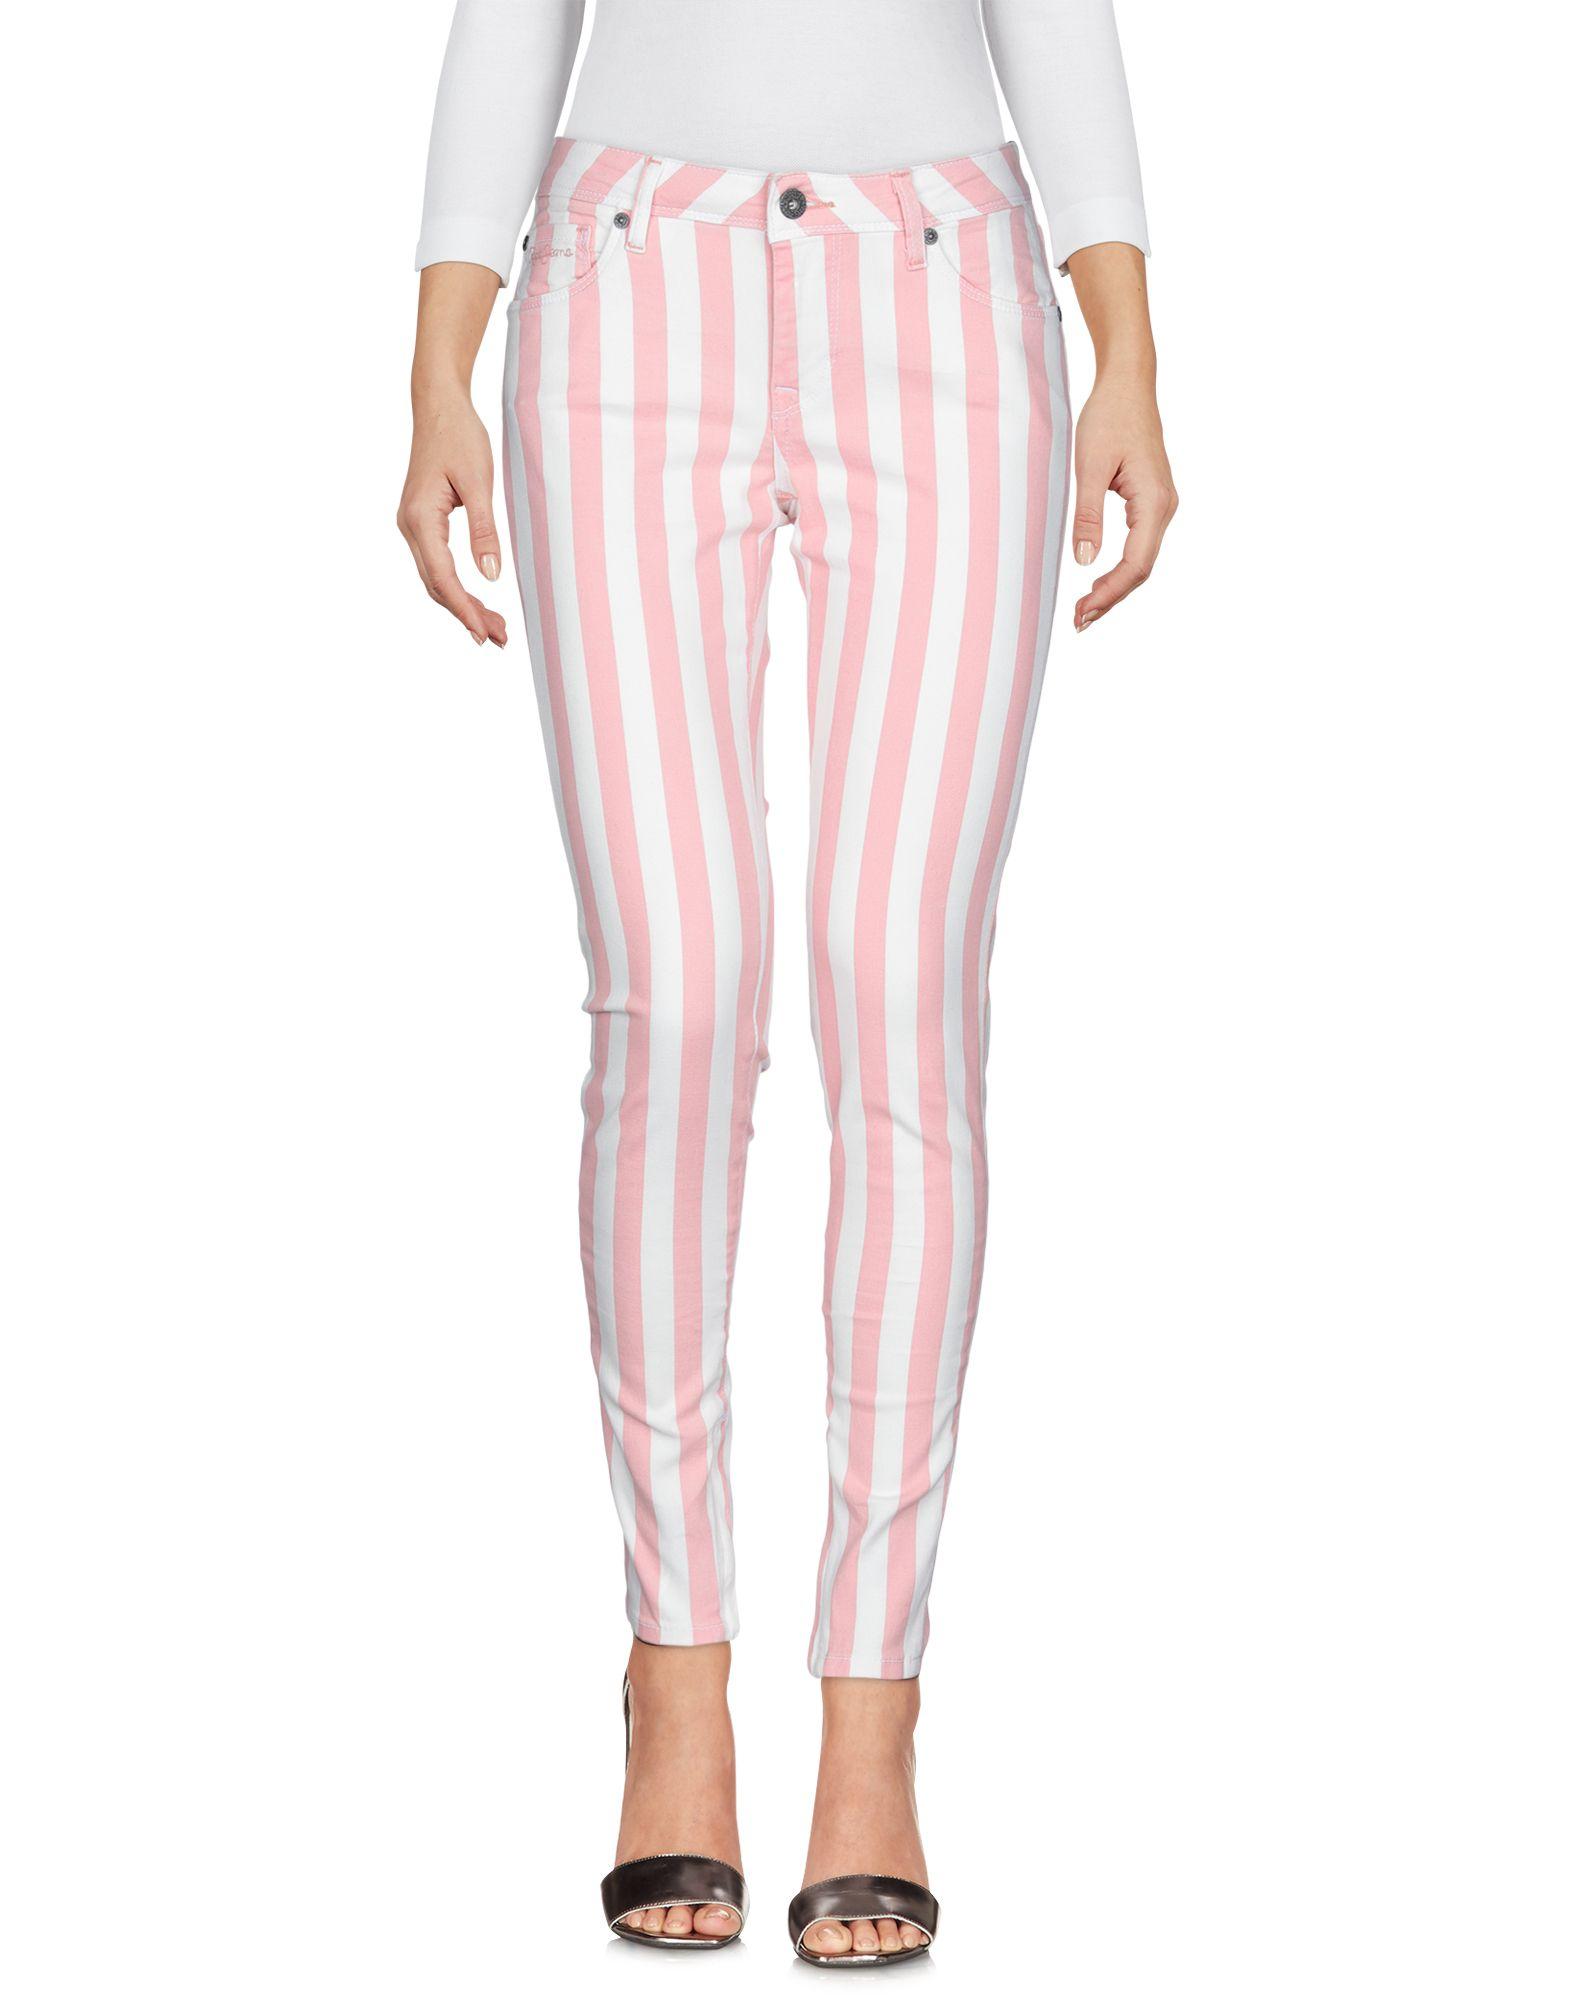 Pantaloni Jeans Pepe Jeans donna donna donna - 42676531IU e7f